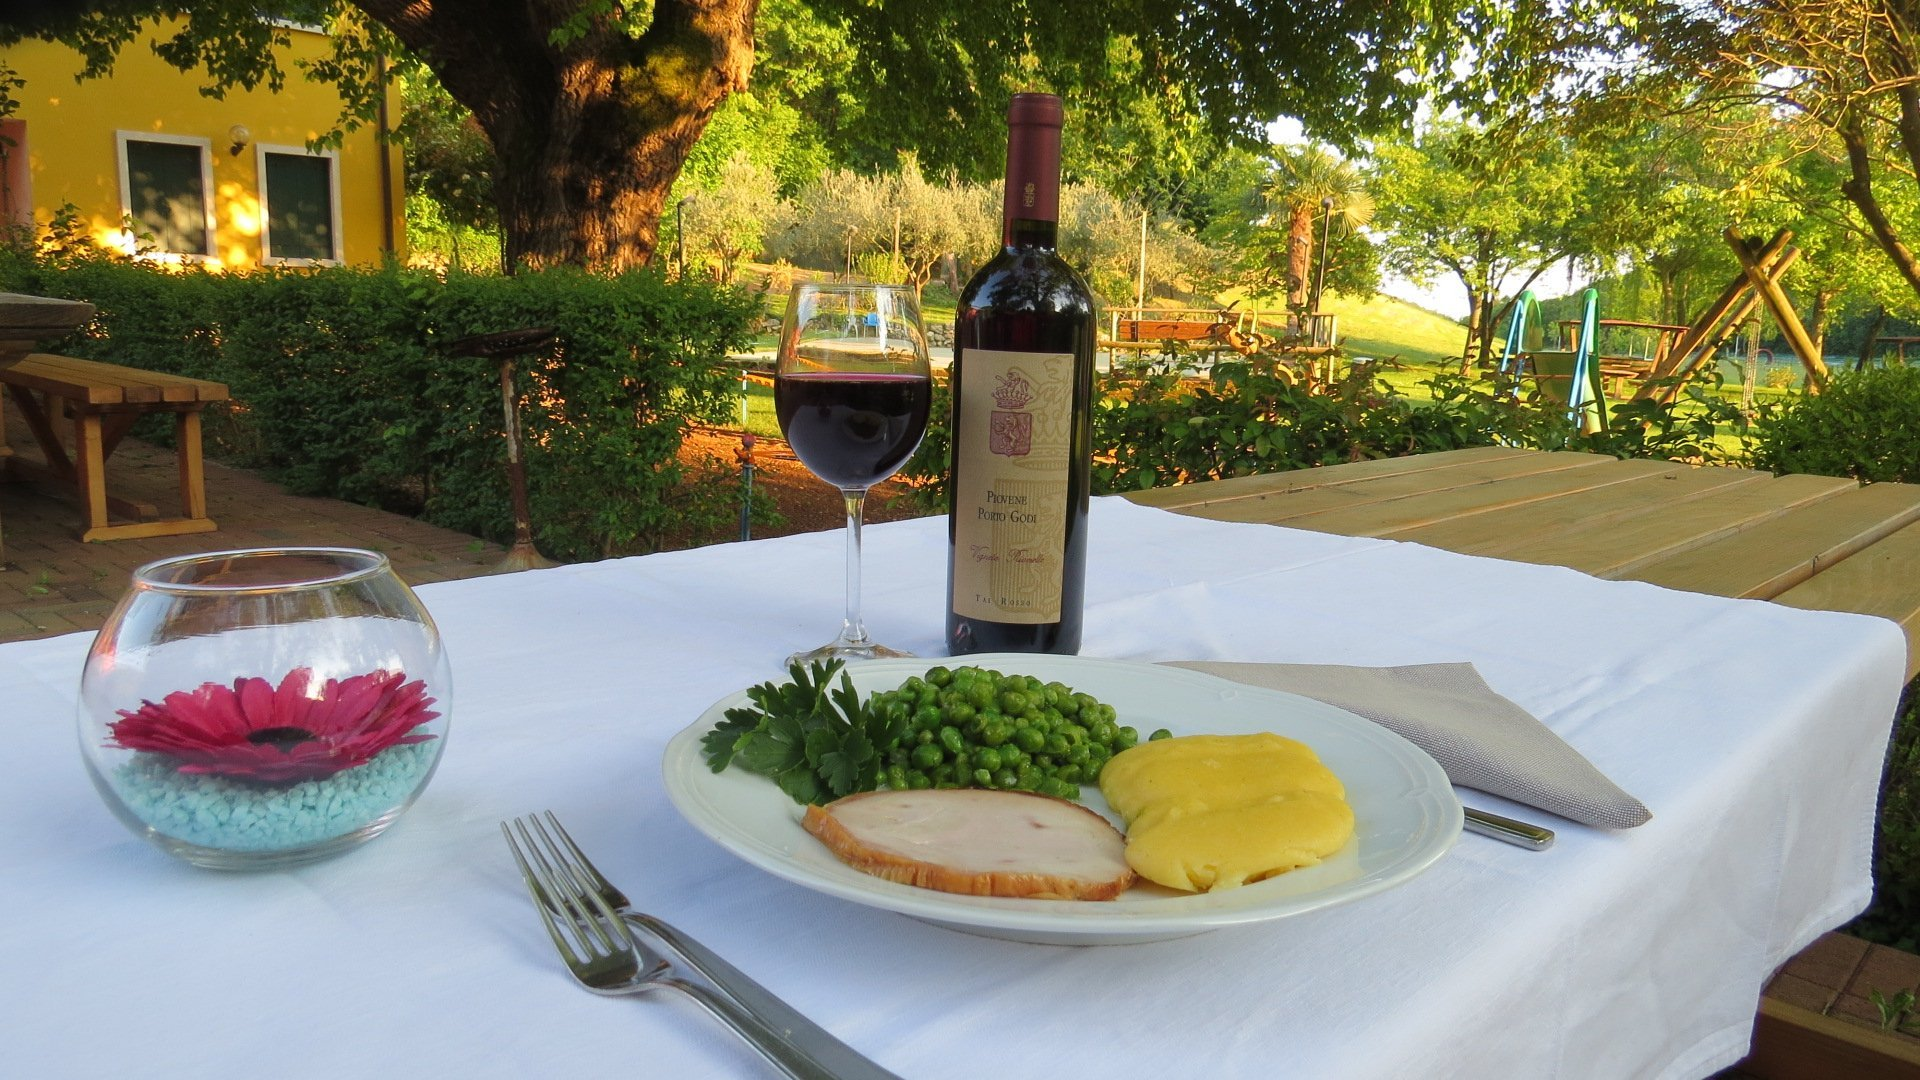 tavolo in giardino con piatto e bottiglia di vino